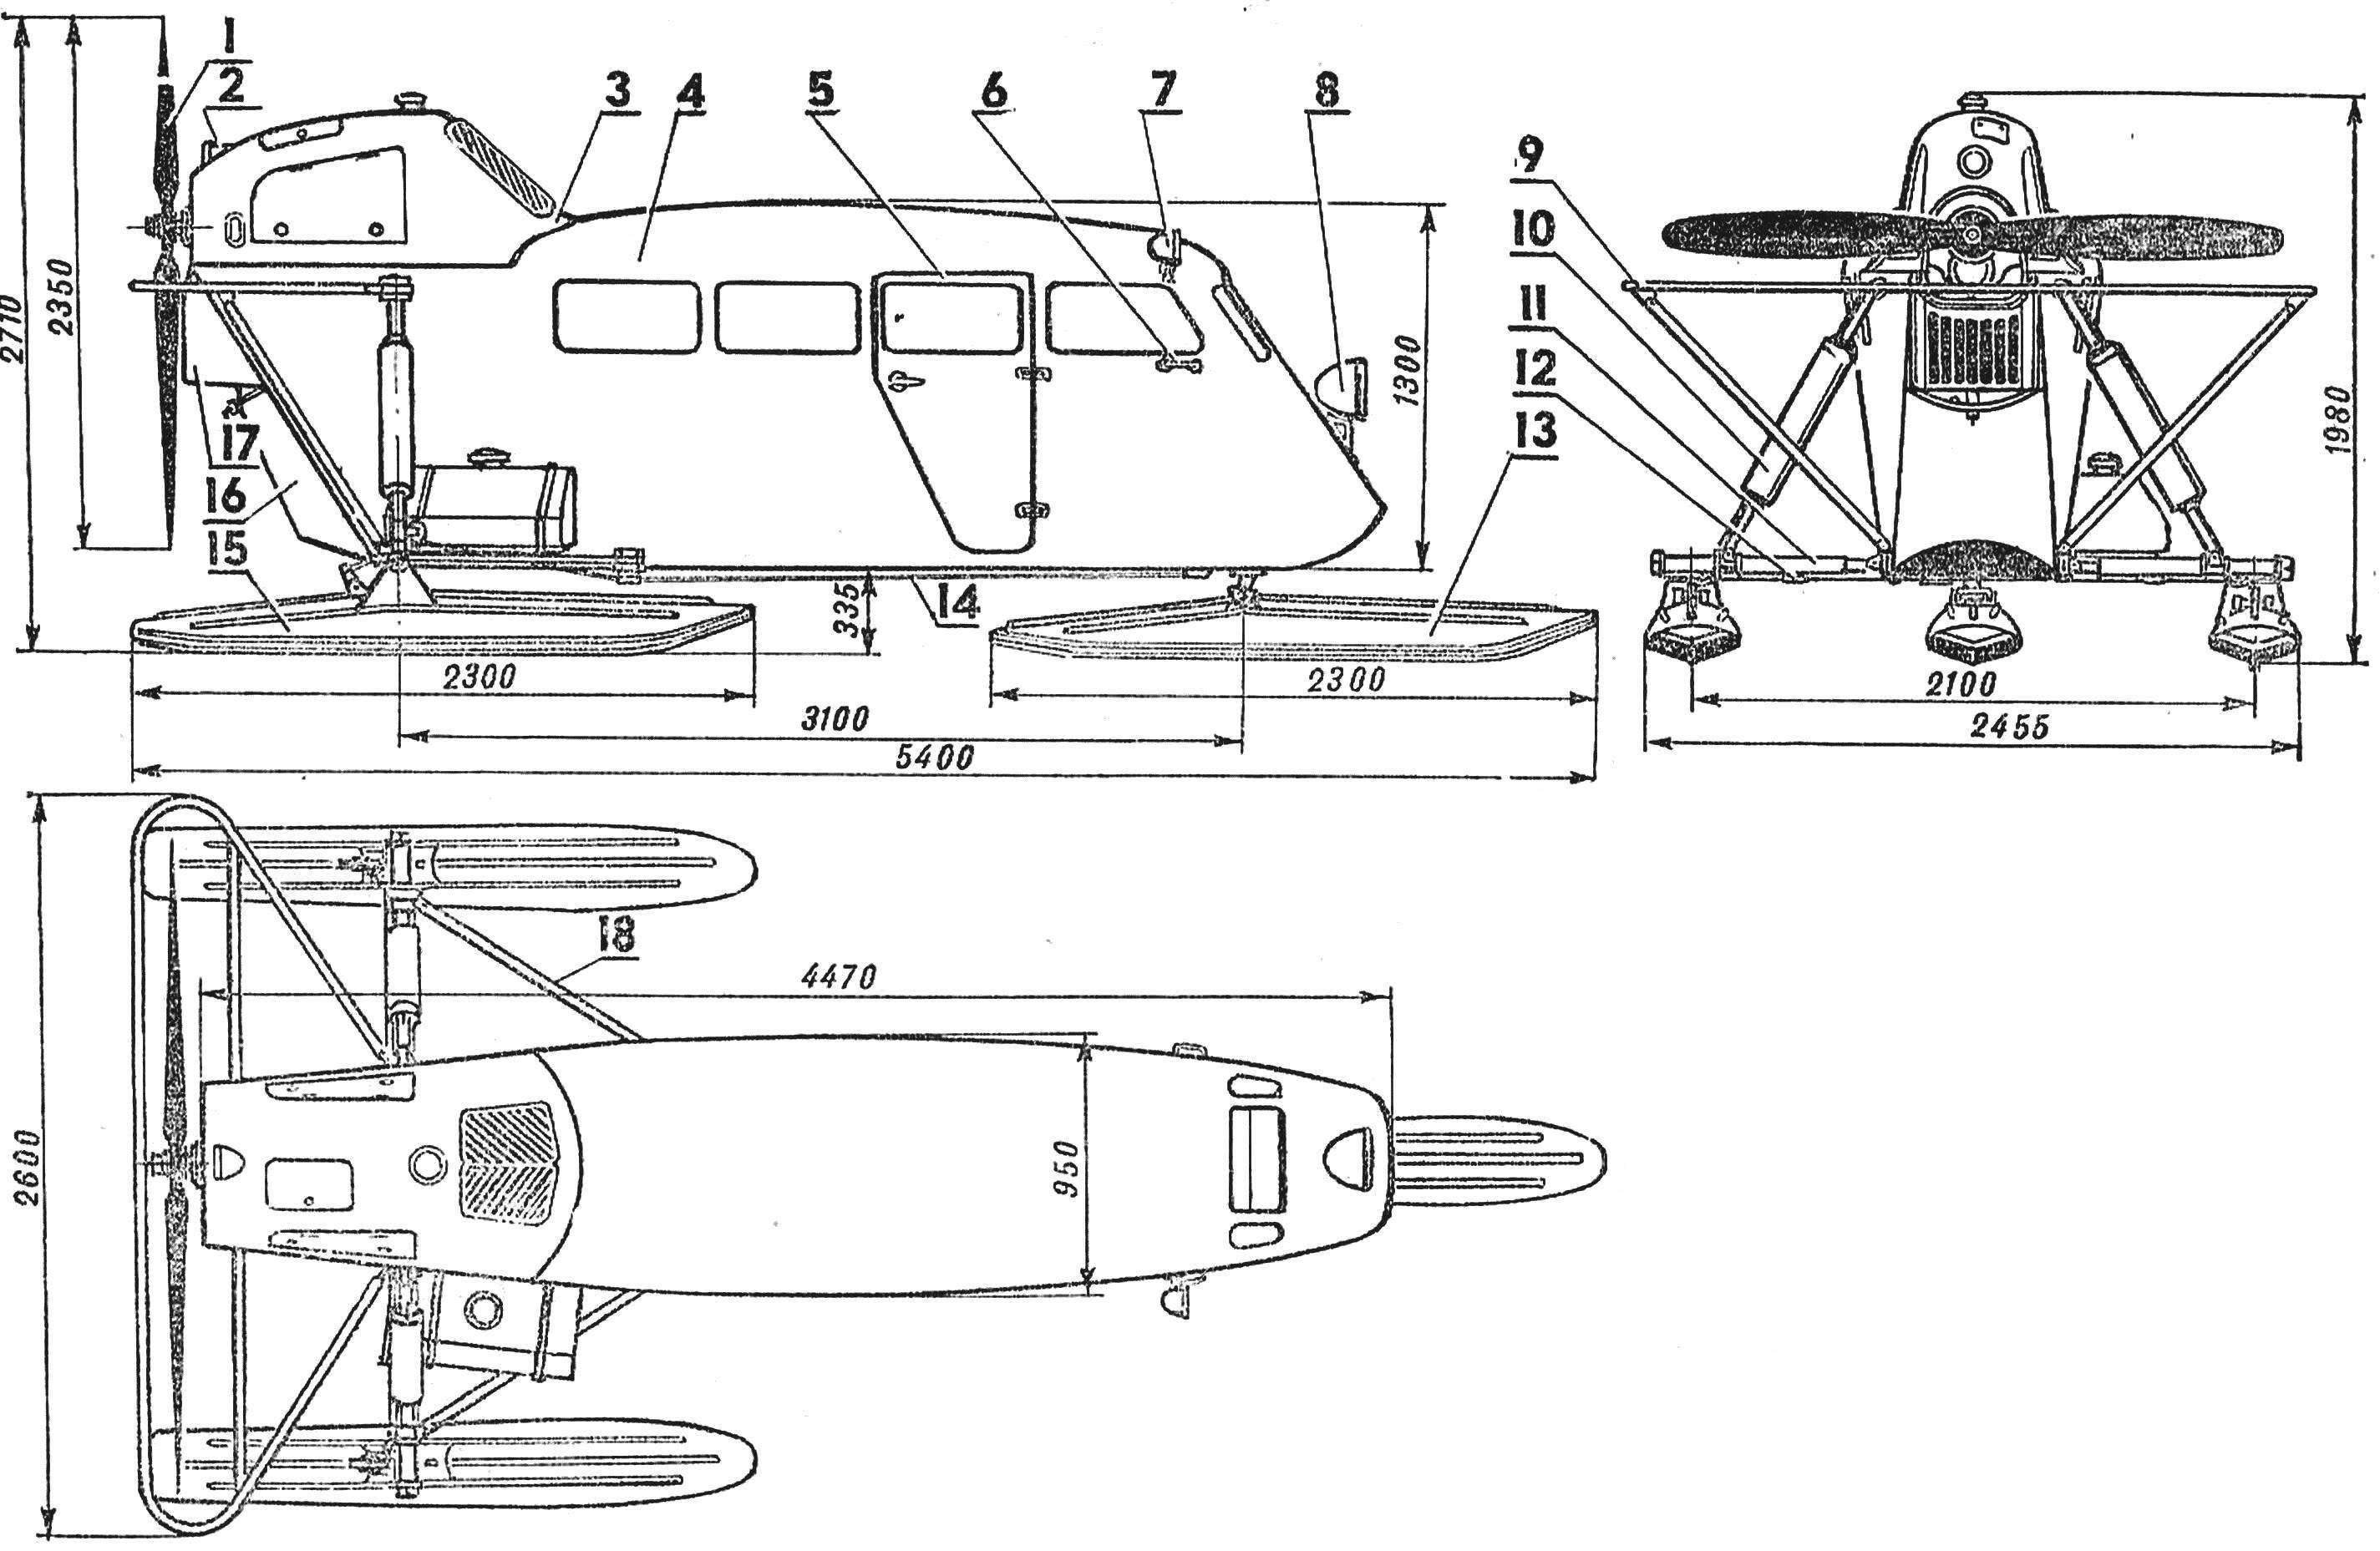 Аэросани самоделки - особенности, технические характеристики, как сделать, техника безопасности